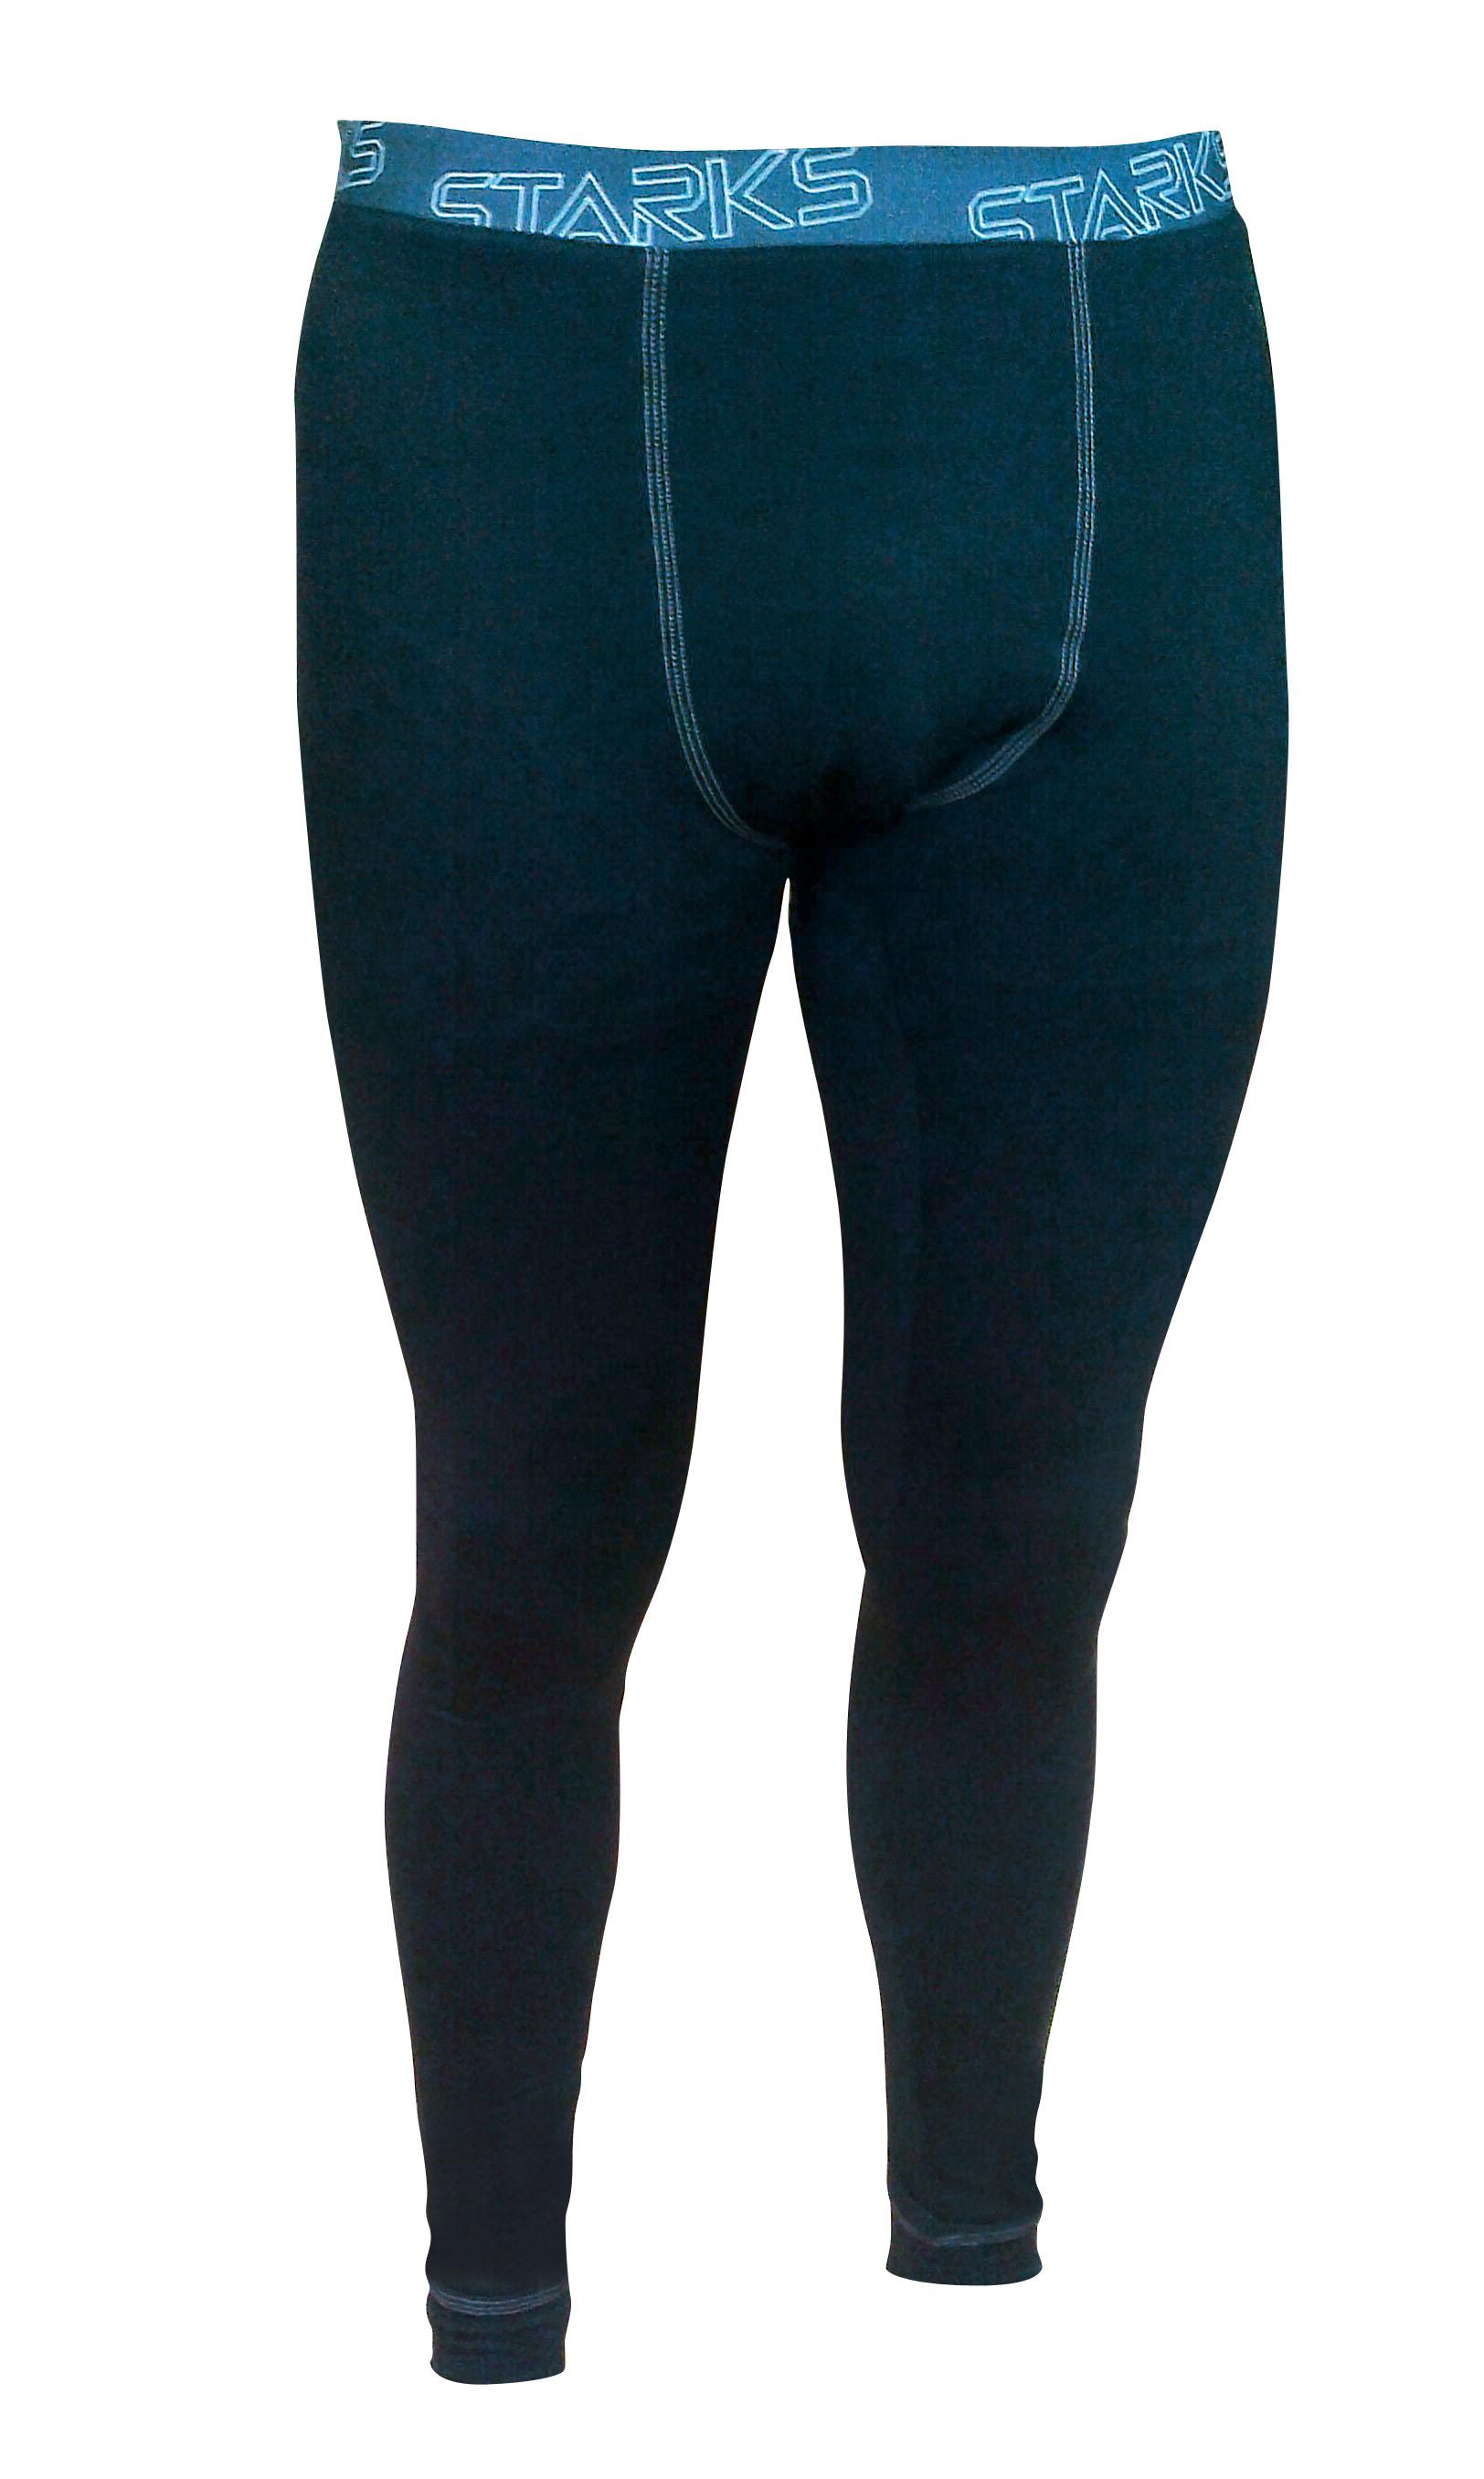 Термобелье брюки мужские Starks Warm, зимние, цвет: черный. ЛЦ0023. Размер XLЛЦ0023_XL_МужБелье Starks Warm предназначено для активных физических нагрузок. Анатомические термобрюки, выполнены из европейской сертифицированной ткани PolarStretch. Высокие эластичные свойства материала позволяют белью максимально повторять индивидуальную анатомию тела, эффект второй кожи. Термобелье имеет отличные влагоотводящие свойства, что позволяет телу оставаться сухим. Высокие термоизоляционные свойства, позволяют исключить переохлаждение или перегрев. Повседневное использование, в качестве демисезонного.Особенности: -Stop Bacteria - ткань с ионами серебра, предотвращает образование и развитие бактерий.-Защита от перегрева или переохлаждения.-Система мягких и плоских швов.-Гипоаллергенно. Состав: 92% полиэстер, 8% эластан.